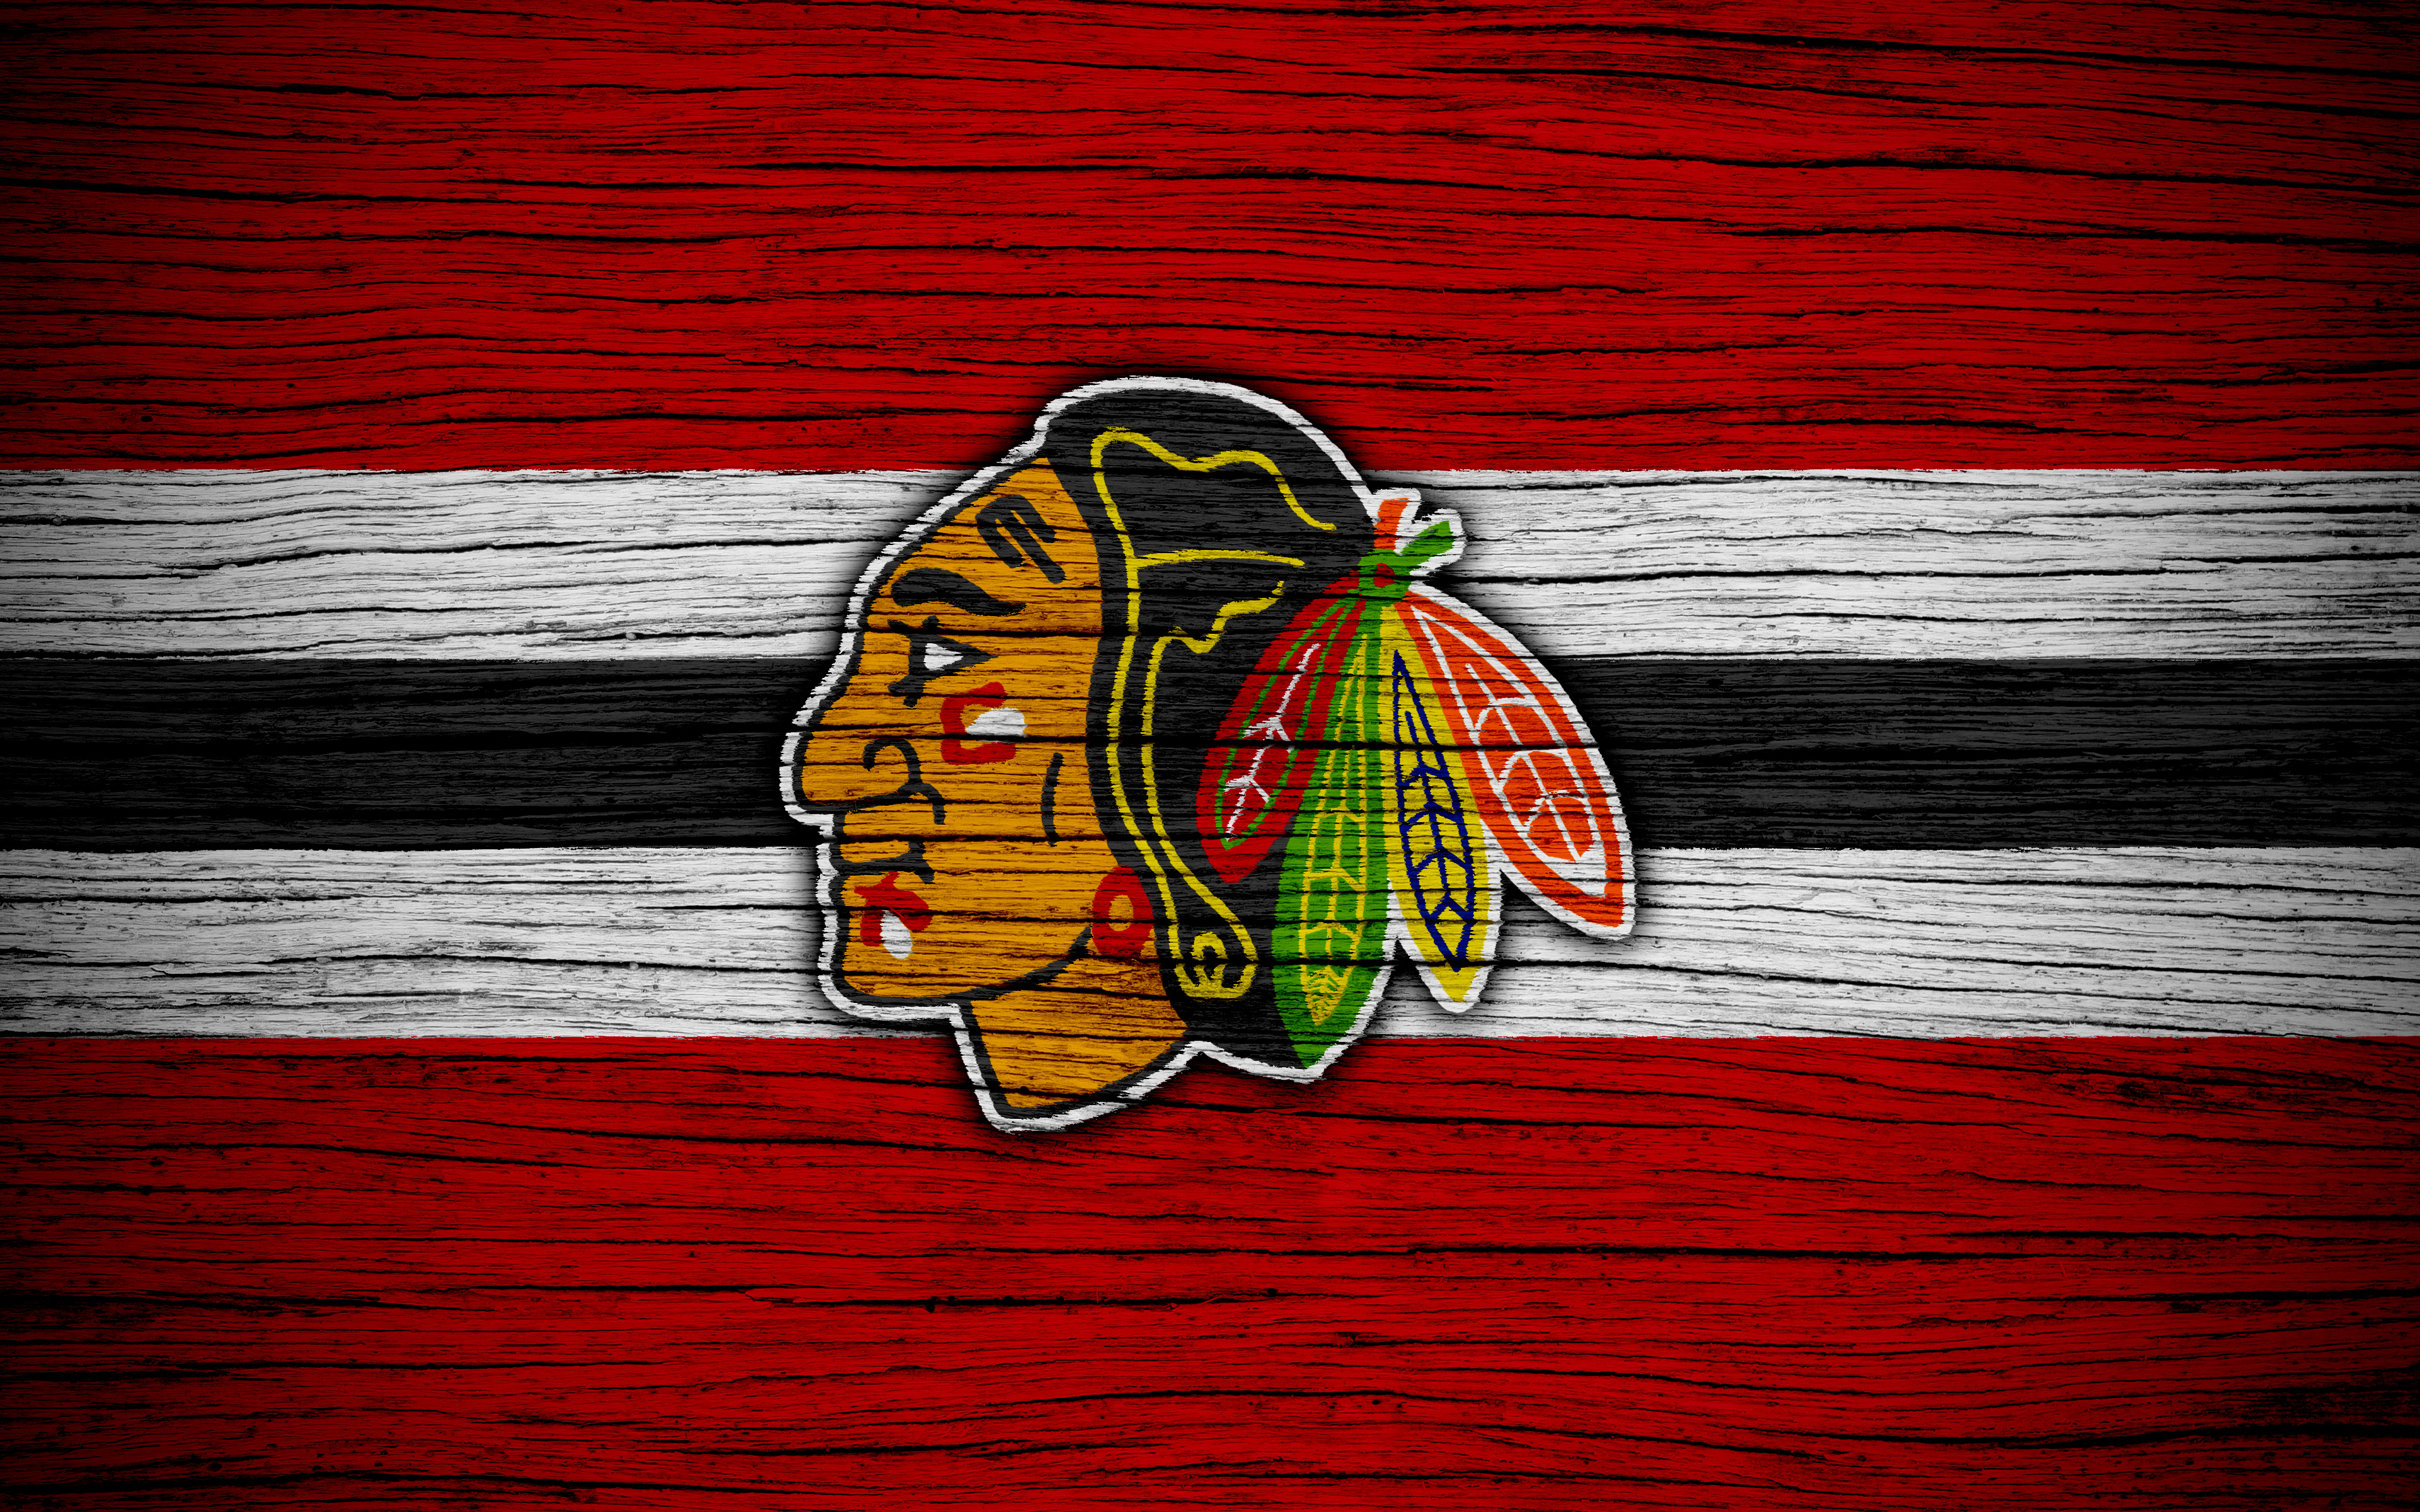 Sport Wallpaper Chicago Blackhawks: Chicago Blackhawks 4k Ultra HD Wallpaper